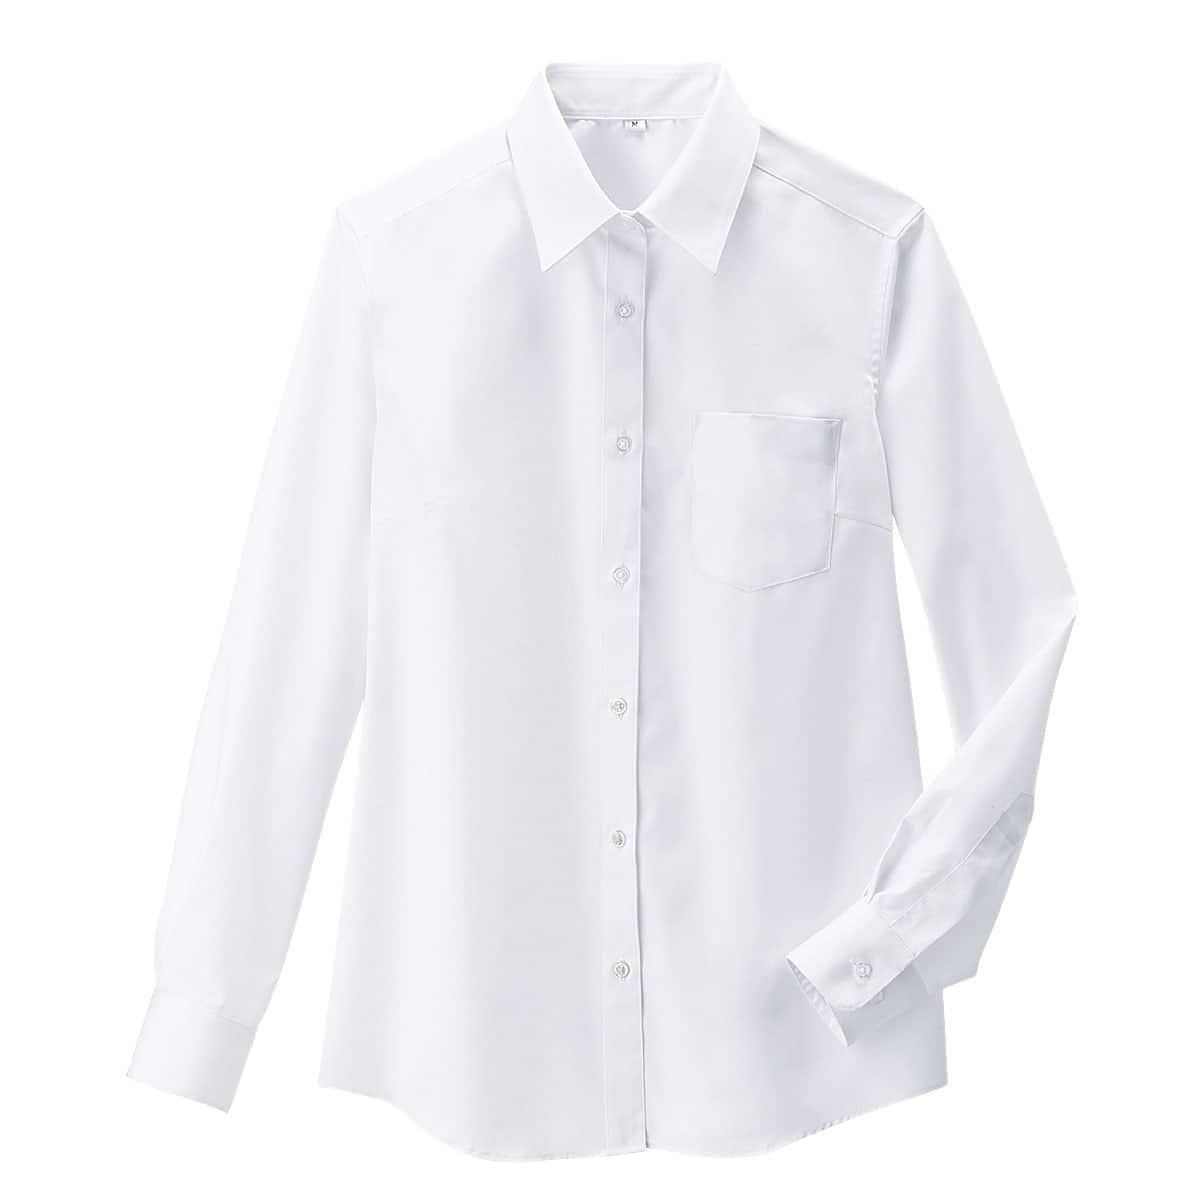 透けにくい長袖シャツ(抗菌防臭・UVカット)(スクール・制服)